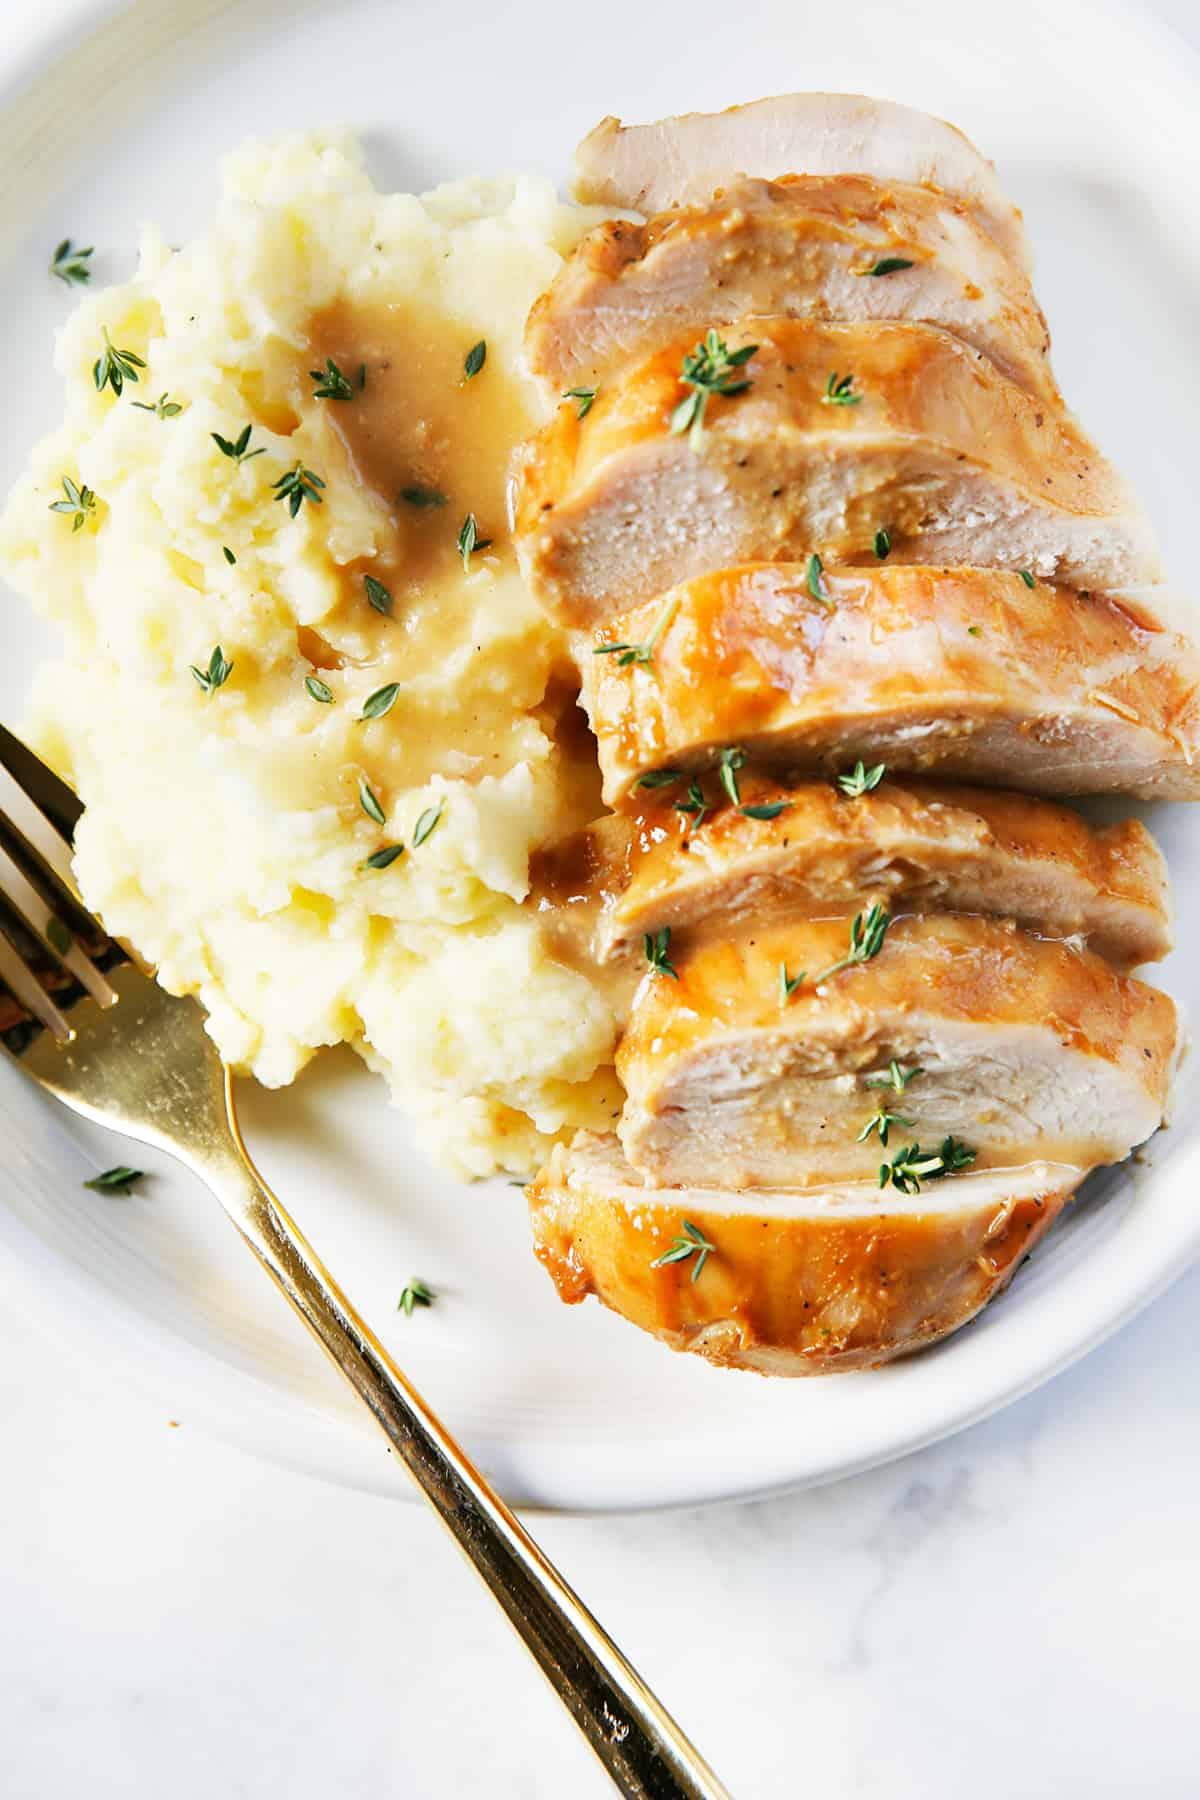 Baked dijon chicken breasts.